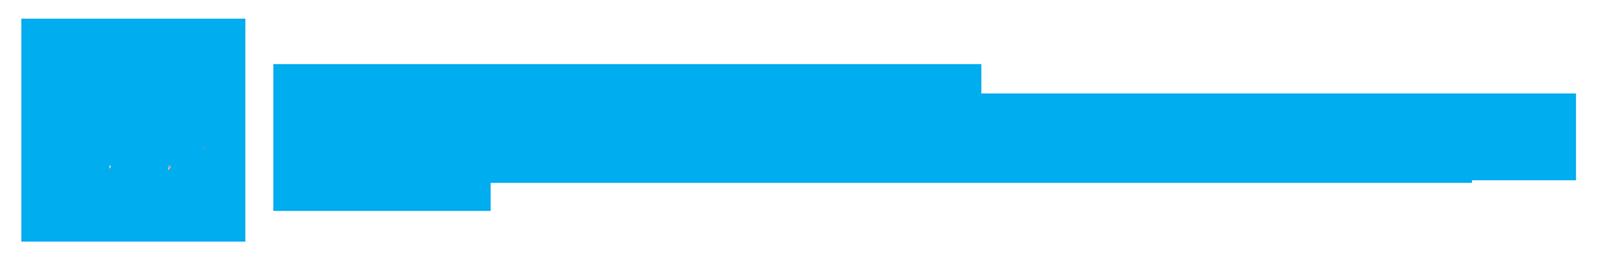 byte-monkee